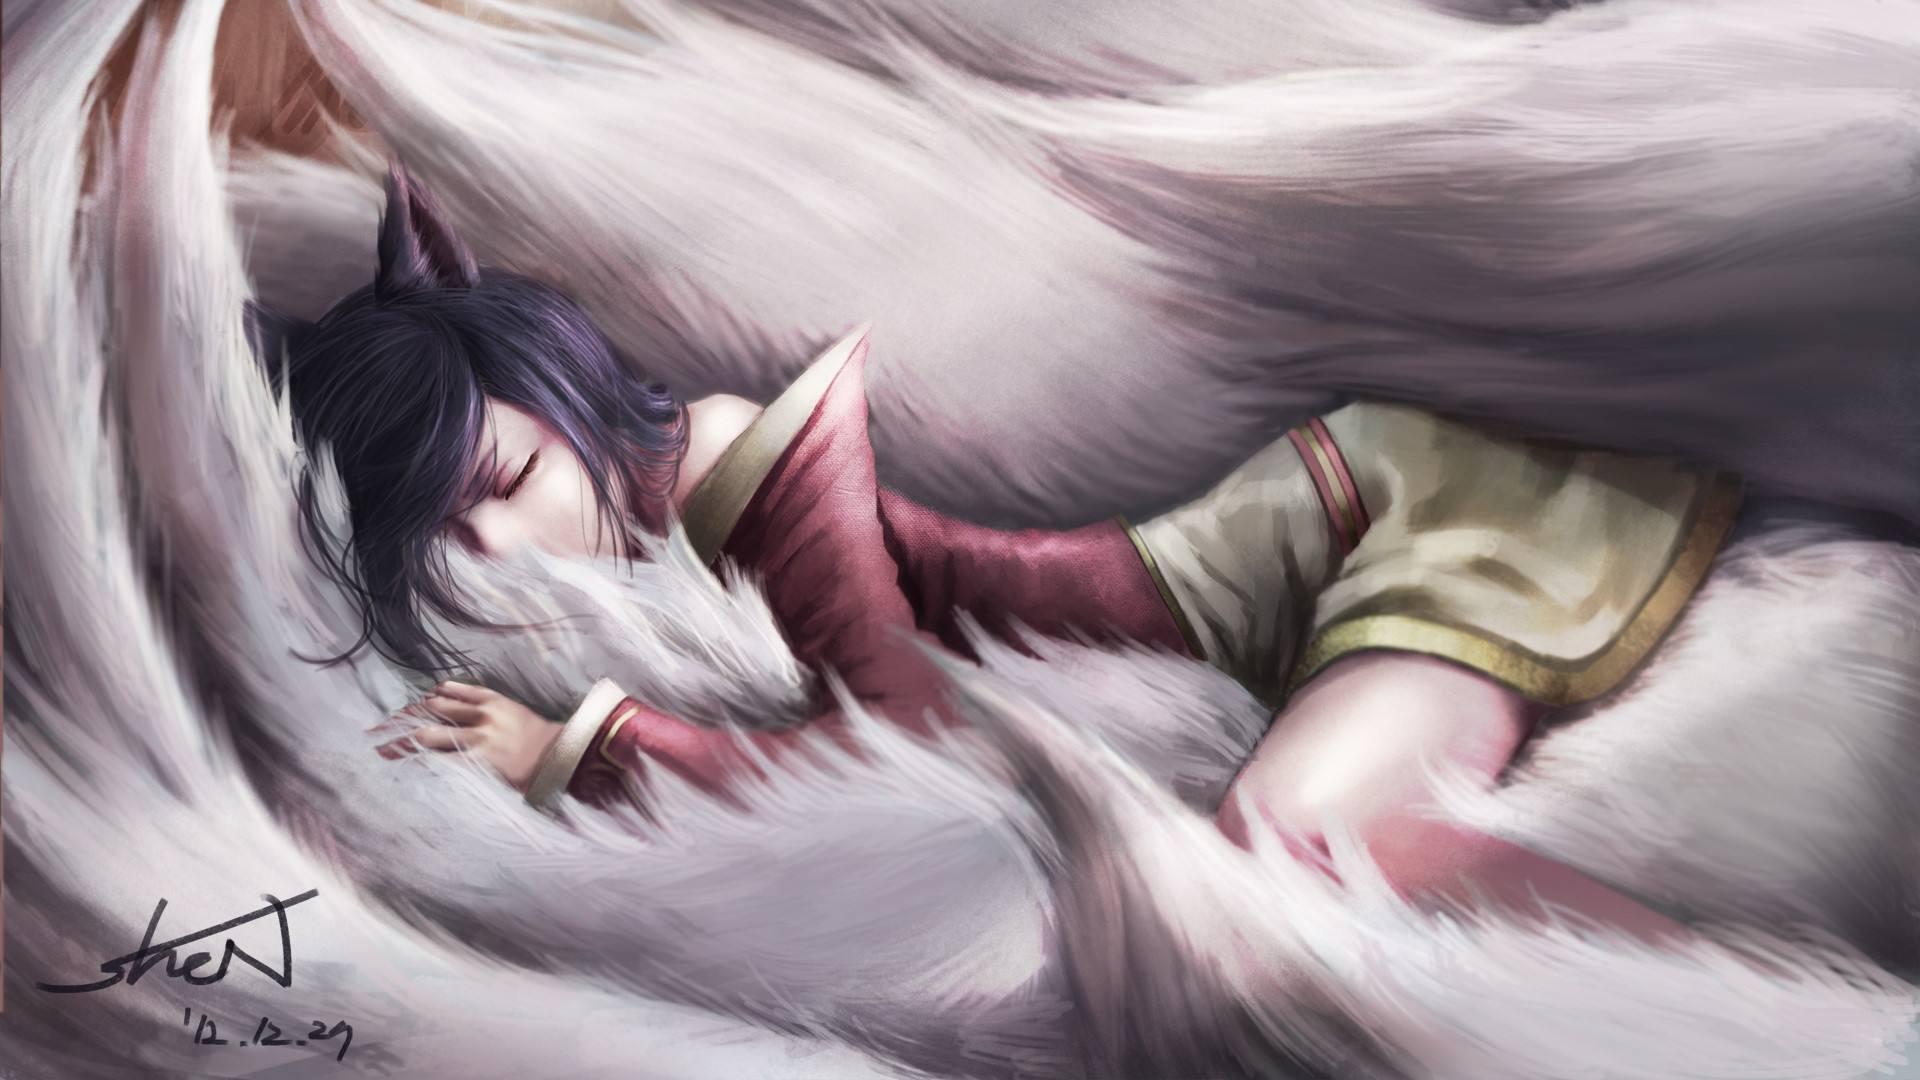 lol阿狸游戏壁纸 英雄联盟九尾妖狐阿狸高清唯美游戏壁纸图片